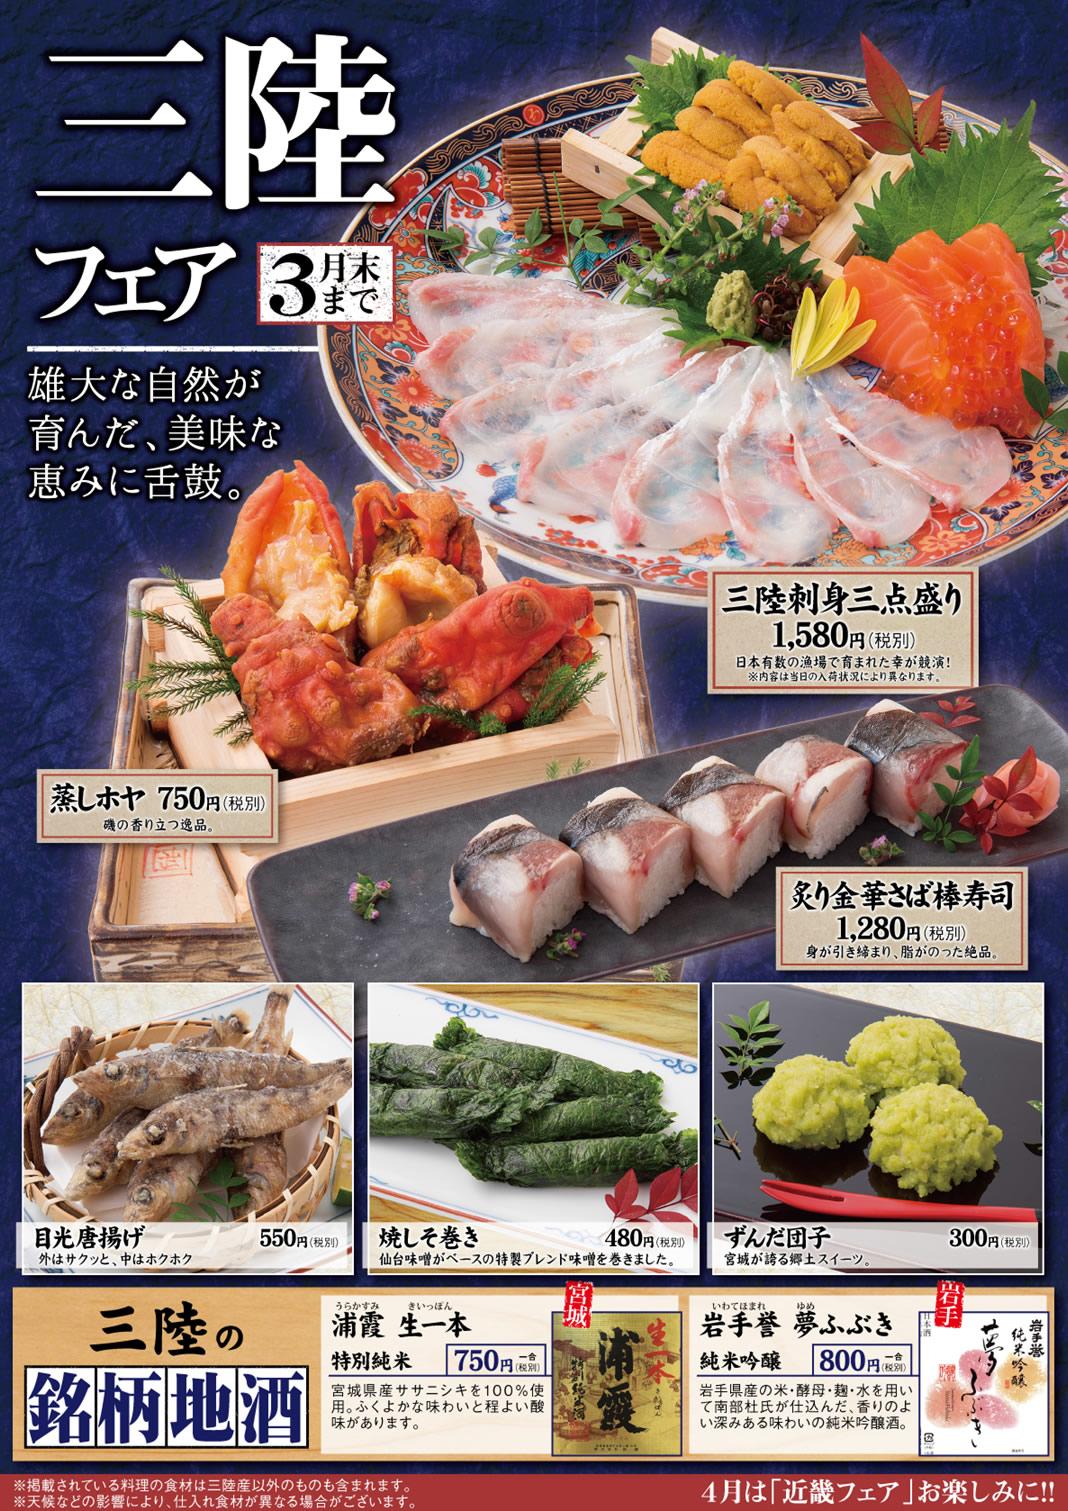 【日本海庄や】三陸フェア開催!! 雄大な自然が育んだ、美味な恵みに舌鼓。